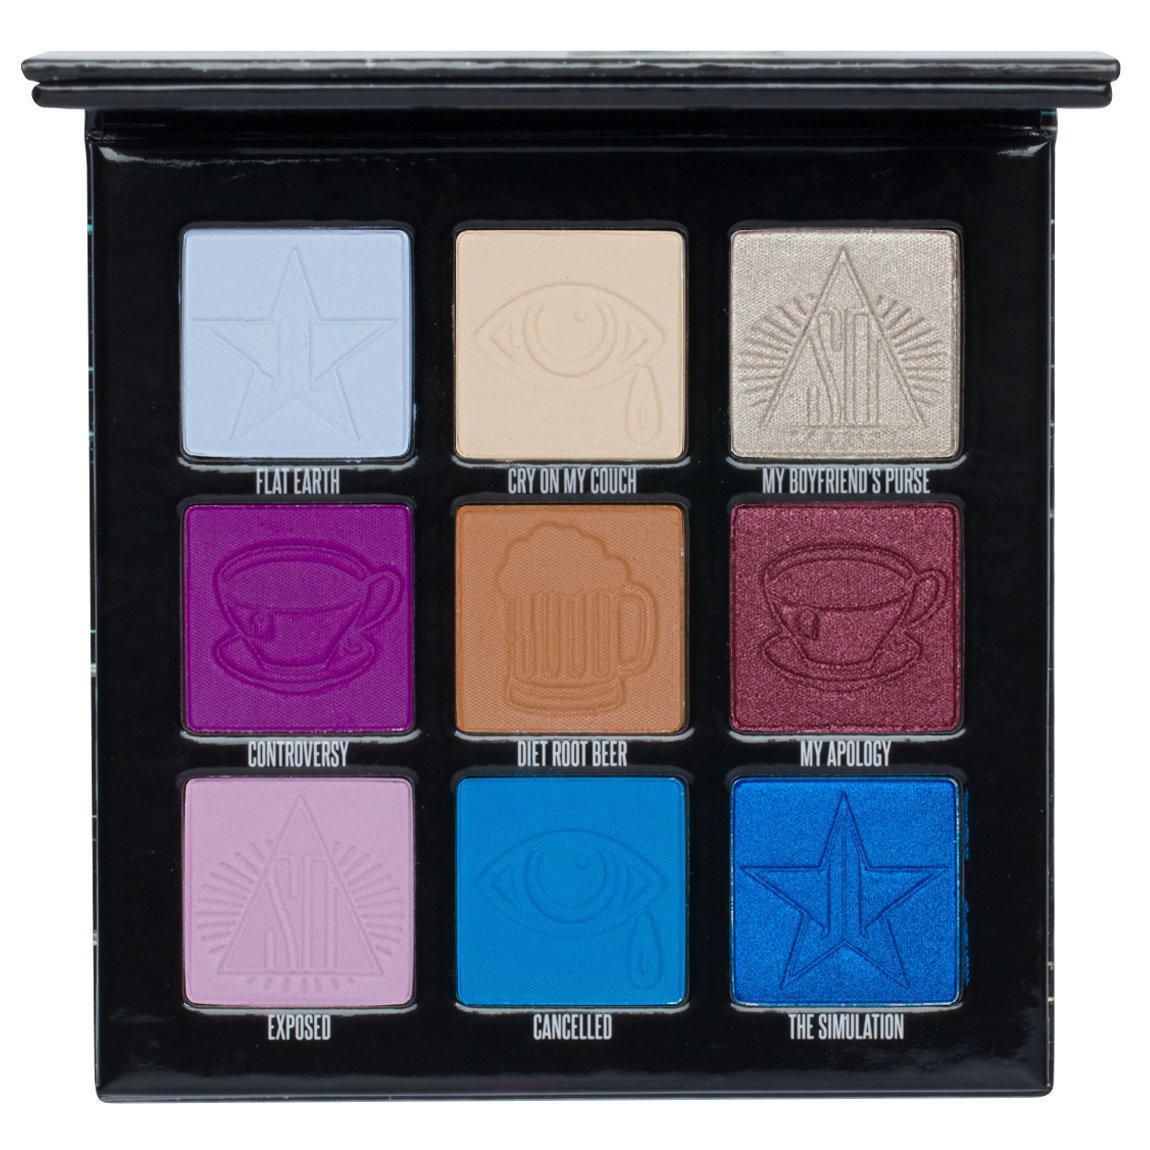 Jeffree Star Cosmetics - Mini Controversy Palette